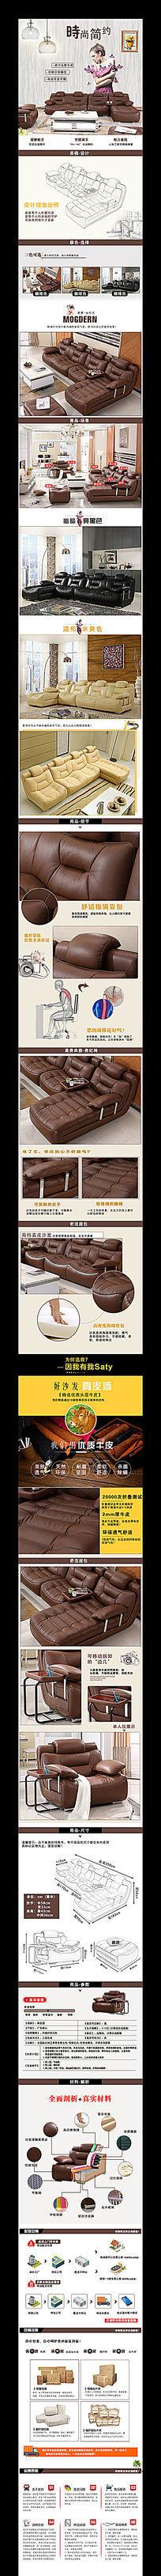 淘宝家具沙发详情页描述 PSD